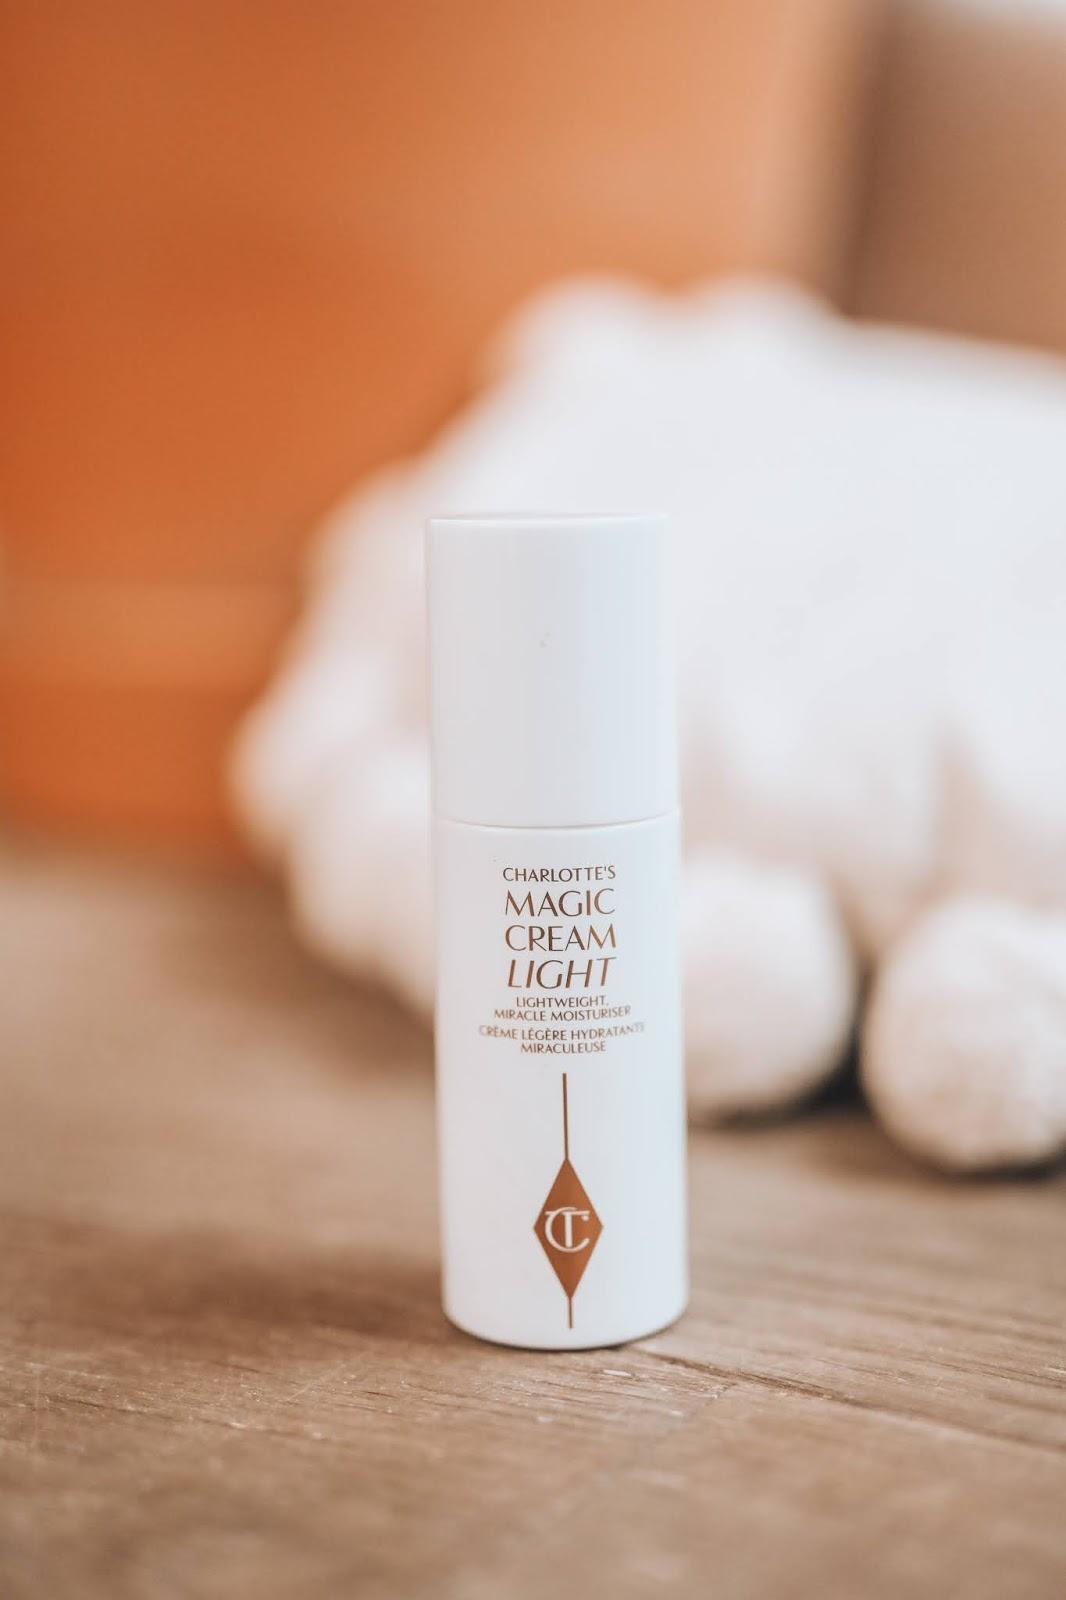 Charlotte tilbury magic cream light moisturiser review